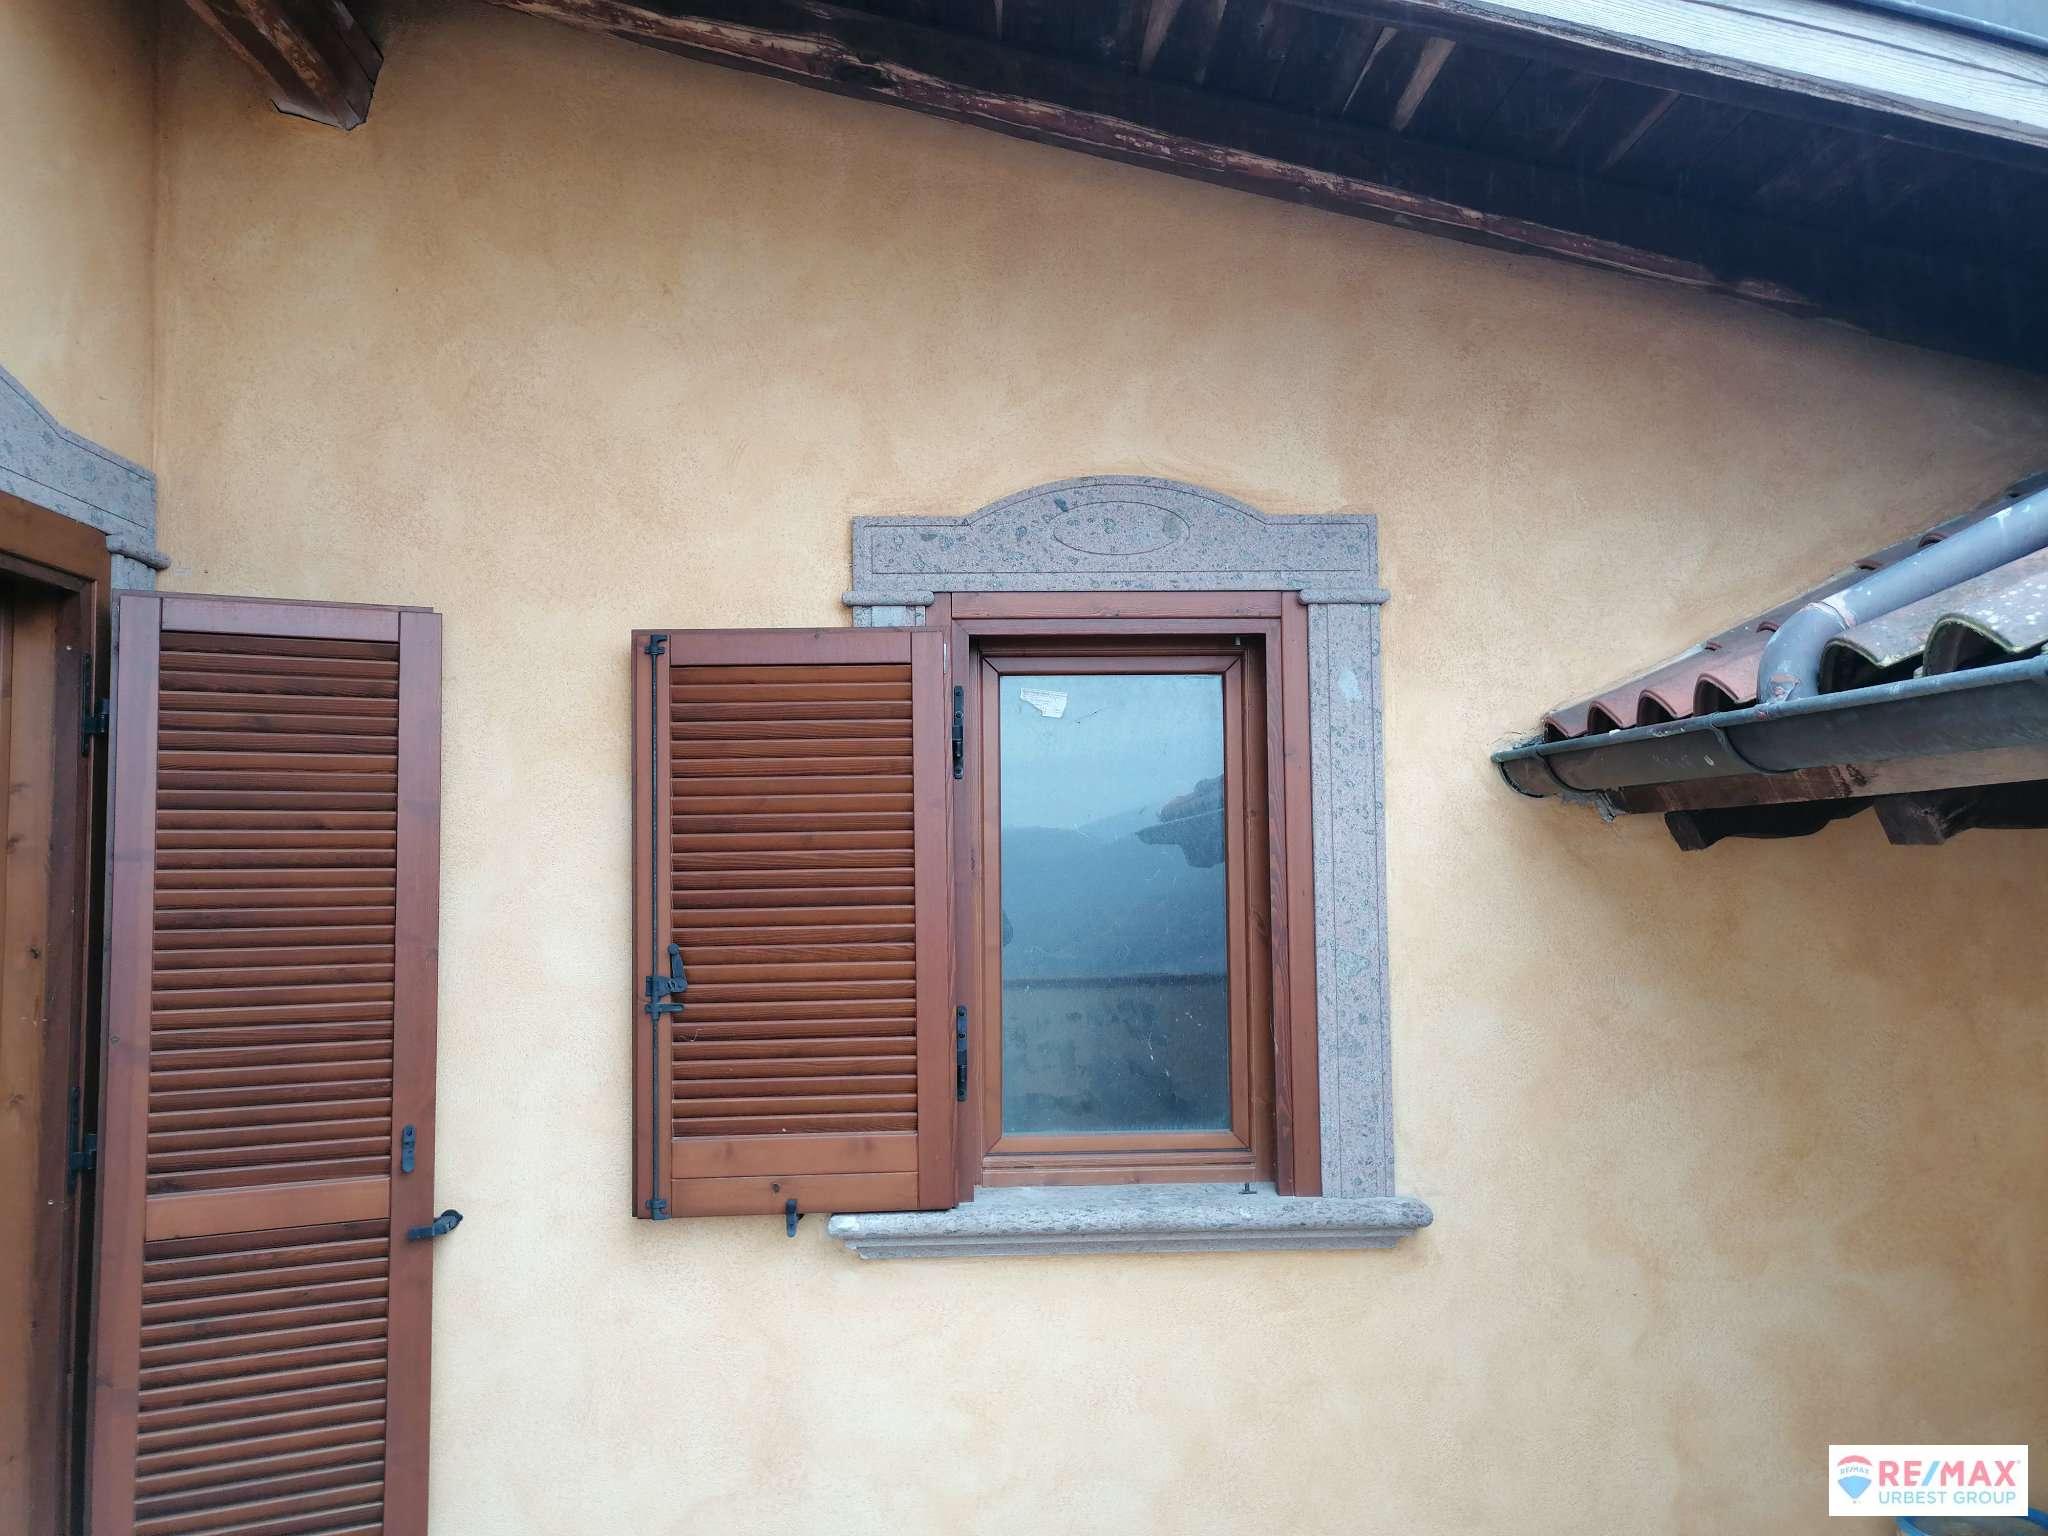 Attico / Mansarda in vendita a San Vito Romano, 3 locali, prezzo € 99.000   PortaleAgenzieImmobiliari.it